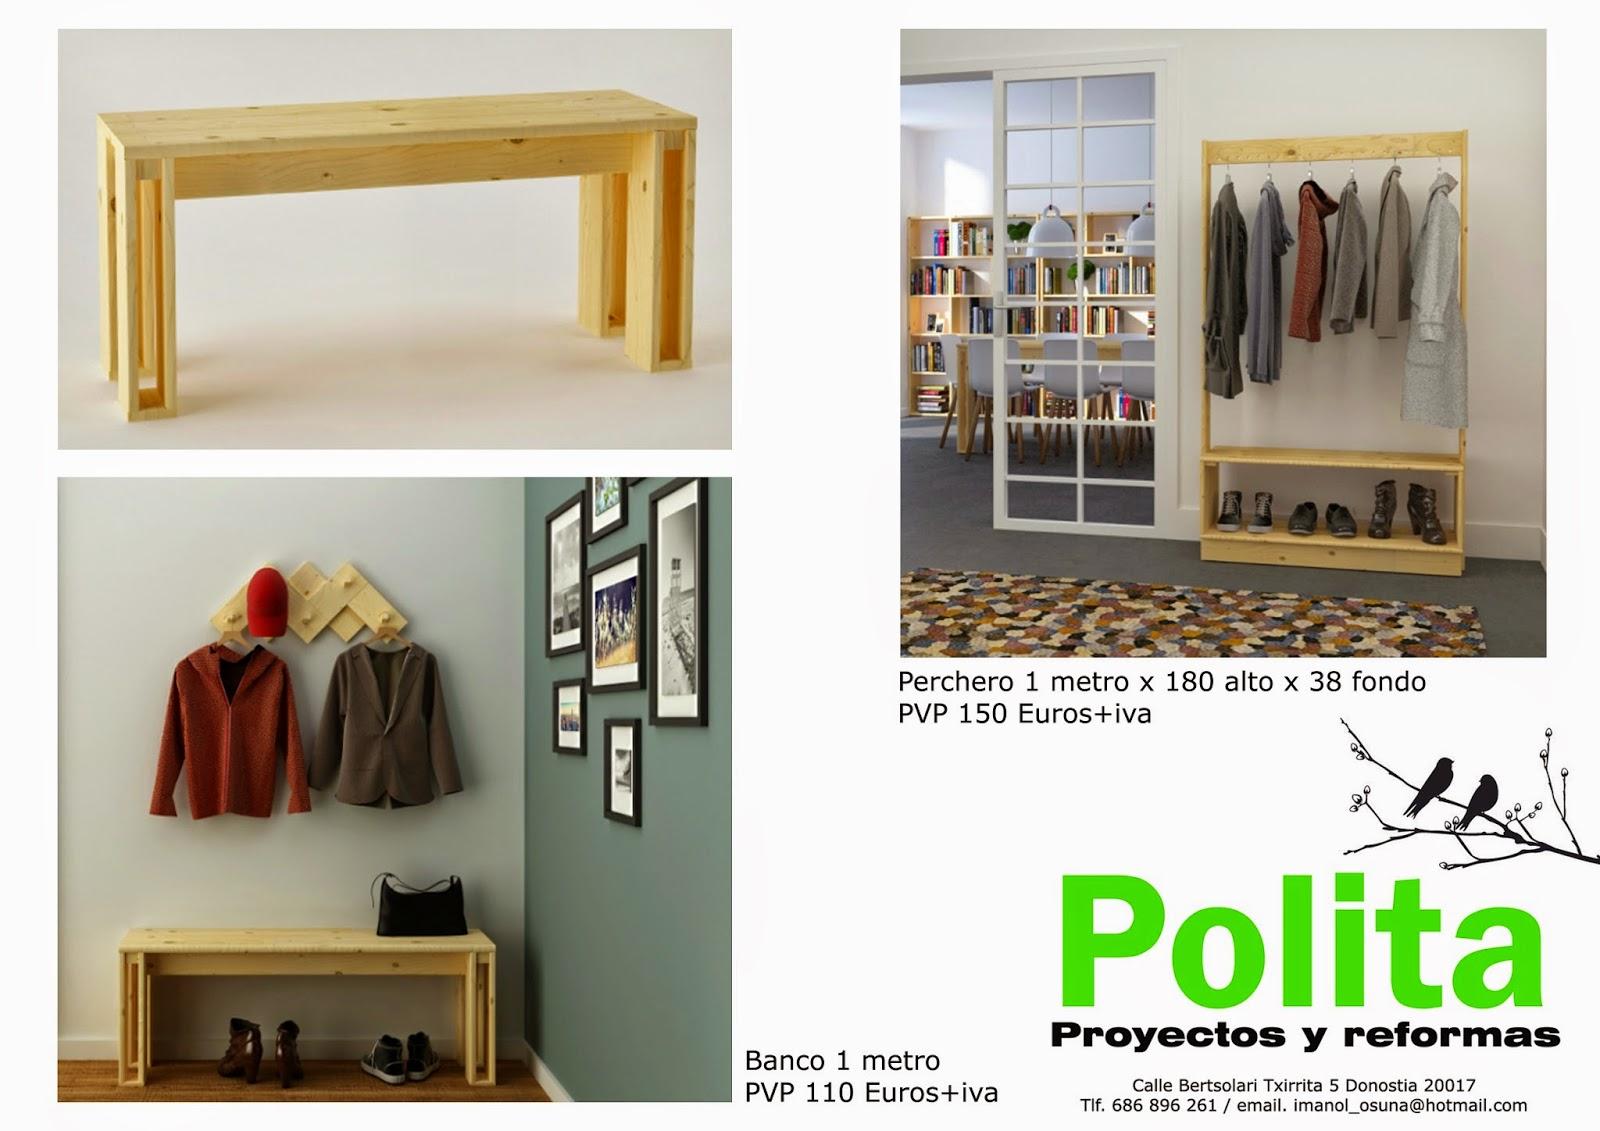 Polita proyectos y reformas top ventas muebles estilo - Muebles bonitos y baratos ...